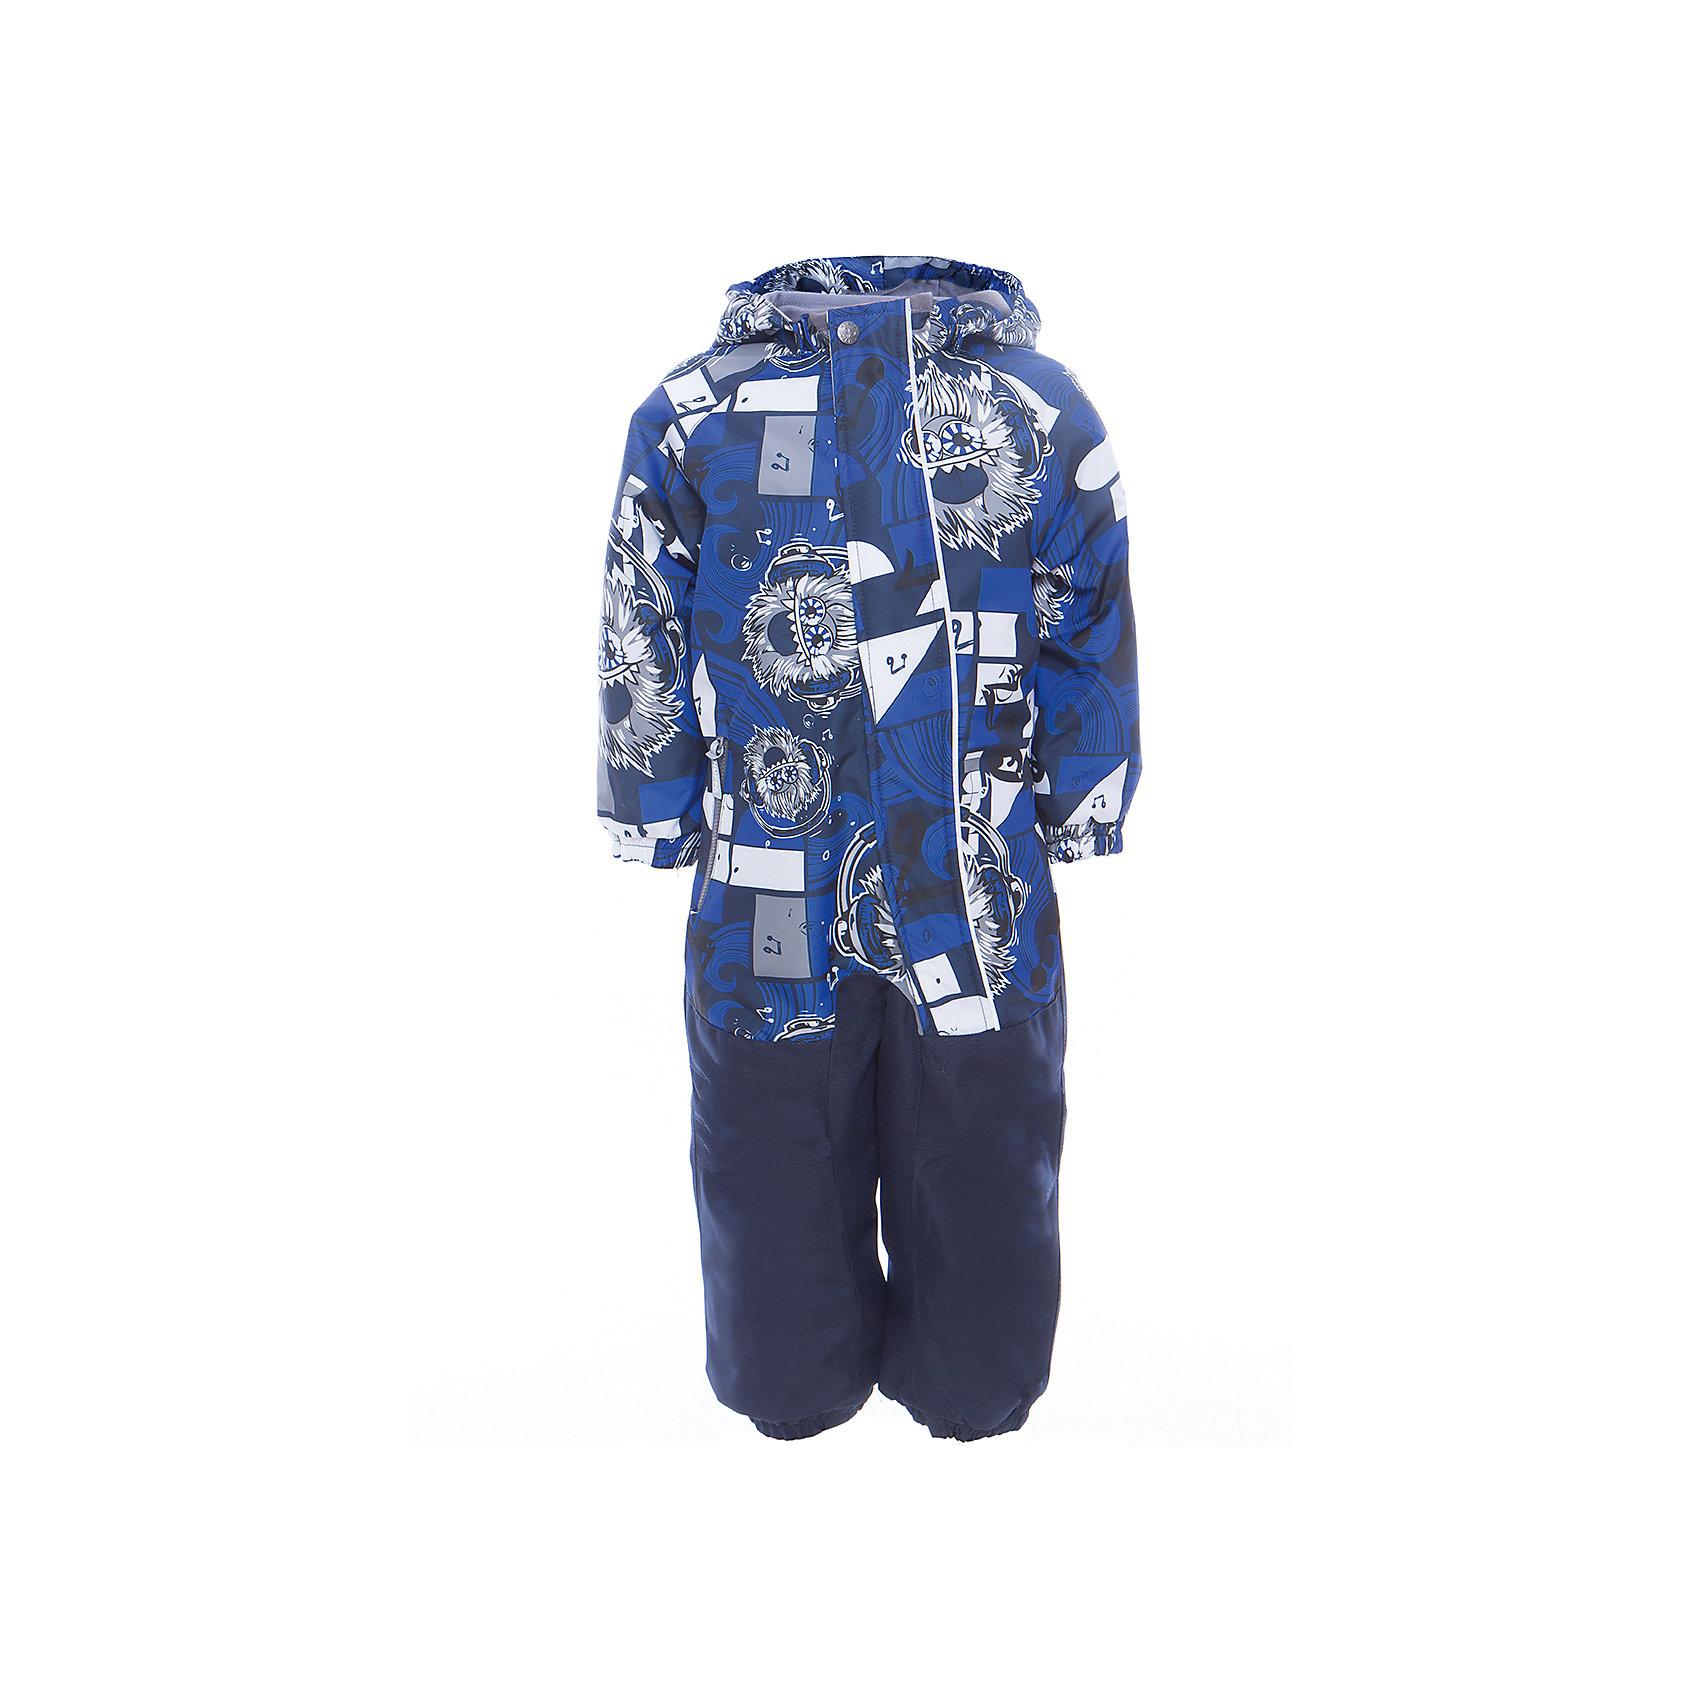 Комбинезон CHRIS для мальчика HuppaВерхняя одежда<br>Характеристики товара:<br><br>• цвет: синий принт<br>• ткань: 100% полиэстер<br>• подкладка: тафта, pritex - 100% полиэстер<br>• утеплитель: 100% полиэстер 100 г<br>• температурный режим: от -5°С до +10°С<br>• водонепроницаемость: 10000 мм<br>• воздухопроницаемость: 10000 мм<br>• светоотражающие детали<br>• средний задний шов, боковые и внутренние швы проклеены<br>• съёмный капюшон с резинкой<br>• защита подбородка<br>• эластичные манжеты<br>• манжеты брюк с резинкой<br>• съёмные эластичные штрипки<br>• без внутренних швов<br>• коллекция: весна-лето 2017<br>• страна бренда: Эстония<br><br>Этот удобный комбинезон обеспечит детям тепло и комфорт. Он сделан из материала, отталкивающего воду, и дополнен подкладкой с утеплителем, поэтому изделие идеально подходит для межсезонья. Материал изделия - с мембранной технологией: защищая от влаги и ветра, он легко выводит лишнюю влагу наружу. Комбинезон очень симпатично смотрится. <br><br>Одежда и обувь от популярного эстонского бренда Huppa - отличный вариант одеть ребенка можно и комфортно. Вещи, выпускаемые компанией, качественные, продуманные и очень удобные. Для производства изделий используются только безопасные для детей материалы. Продукция от Huppa порадует и детей, и их родителей!<br><br>Комбинезон GOLDEN от бренда Huppa (Хуппа) можно купить в нашем интернет-магазине.<br><br>Ширина мм: 356<br>Глубина мм: 10<br>Высота мм: 245<br>Вес г: 519<br>Цвет: синий<br>Возраст от месяцев: 36<br>Возраст до месяцев: 48<br>Пол: Мужской<br>Возраст: Детский<br>Размер: 104,92,98,110,116,122<br>SKU: 5346566